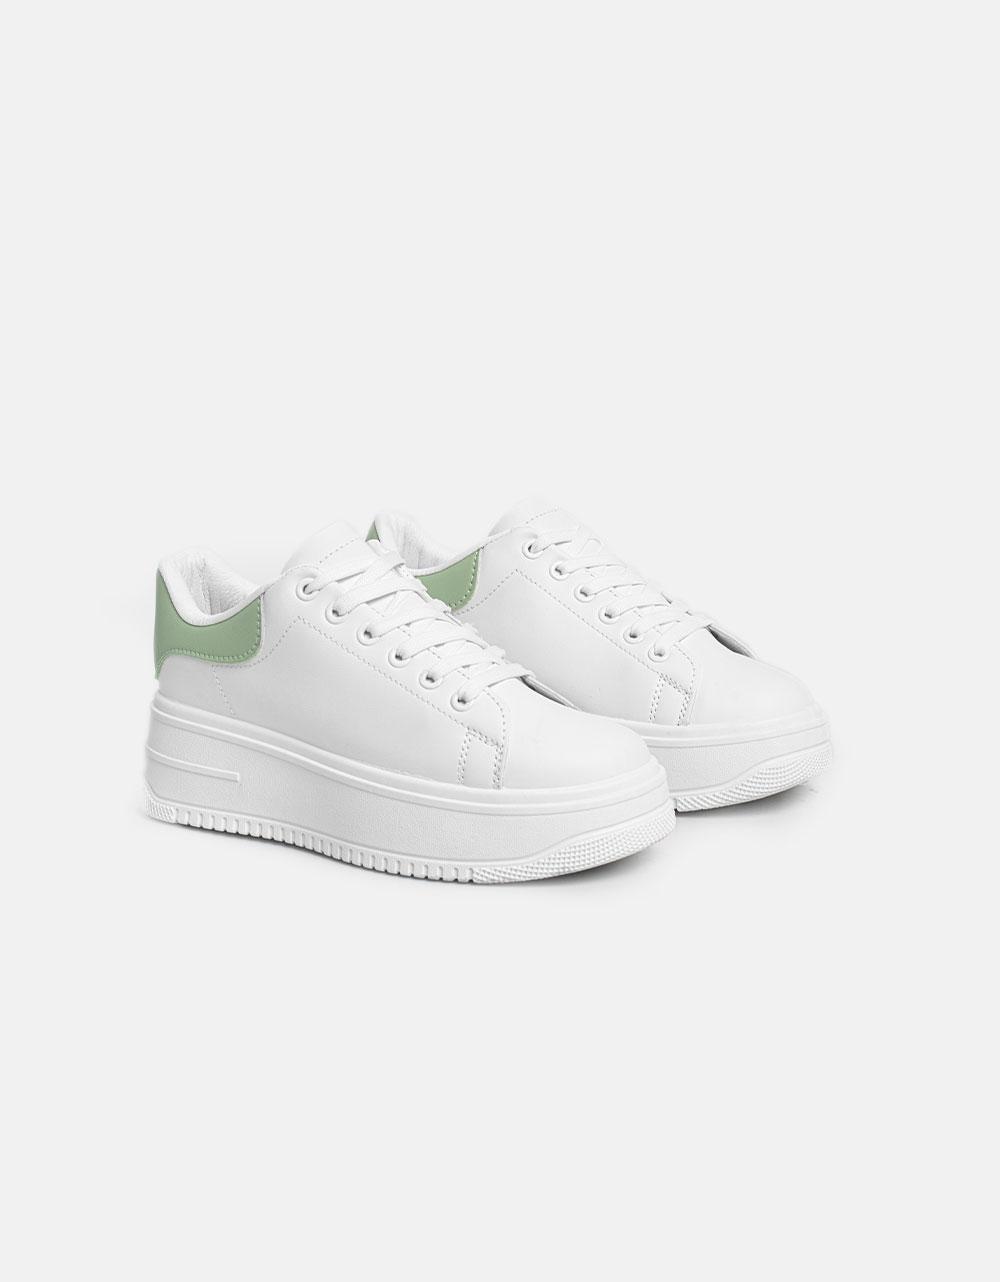 Εικόνα από Γυναικεία sneakers με διπλή σόλα και διχρωμία Πράσινο